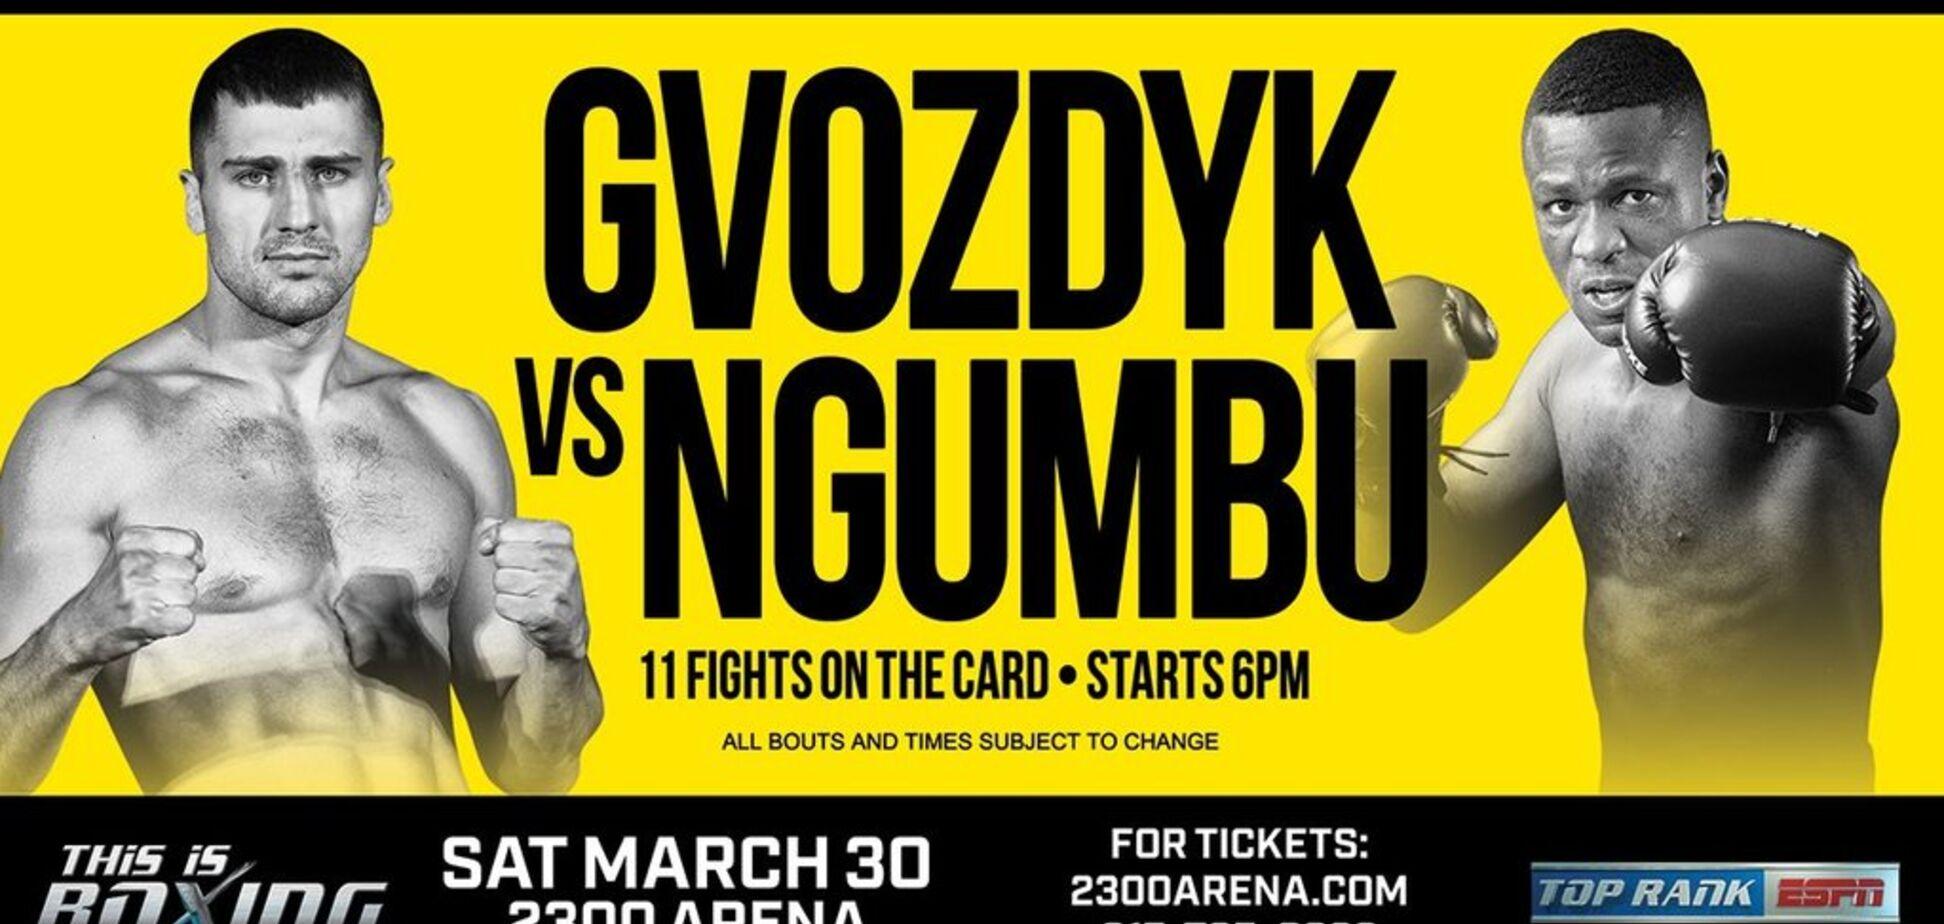 Де дивитися Гвоздик — Нгумбу: розклад трансляцій чемпіонського бою